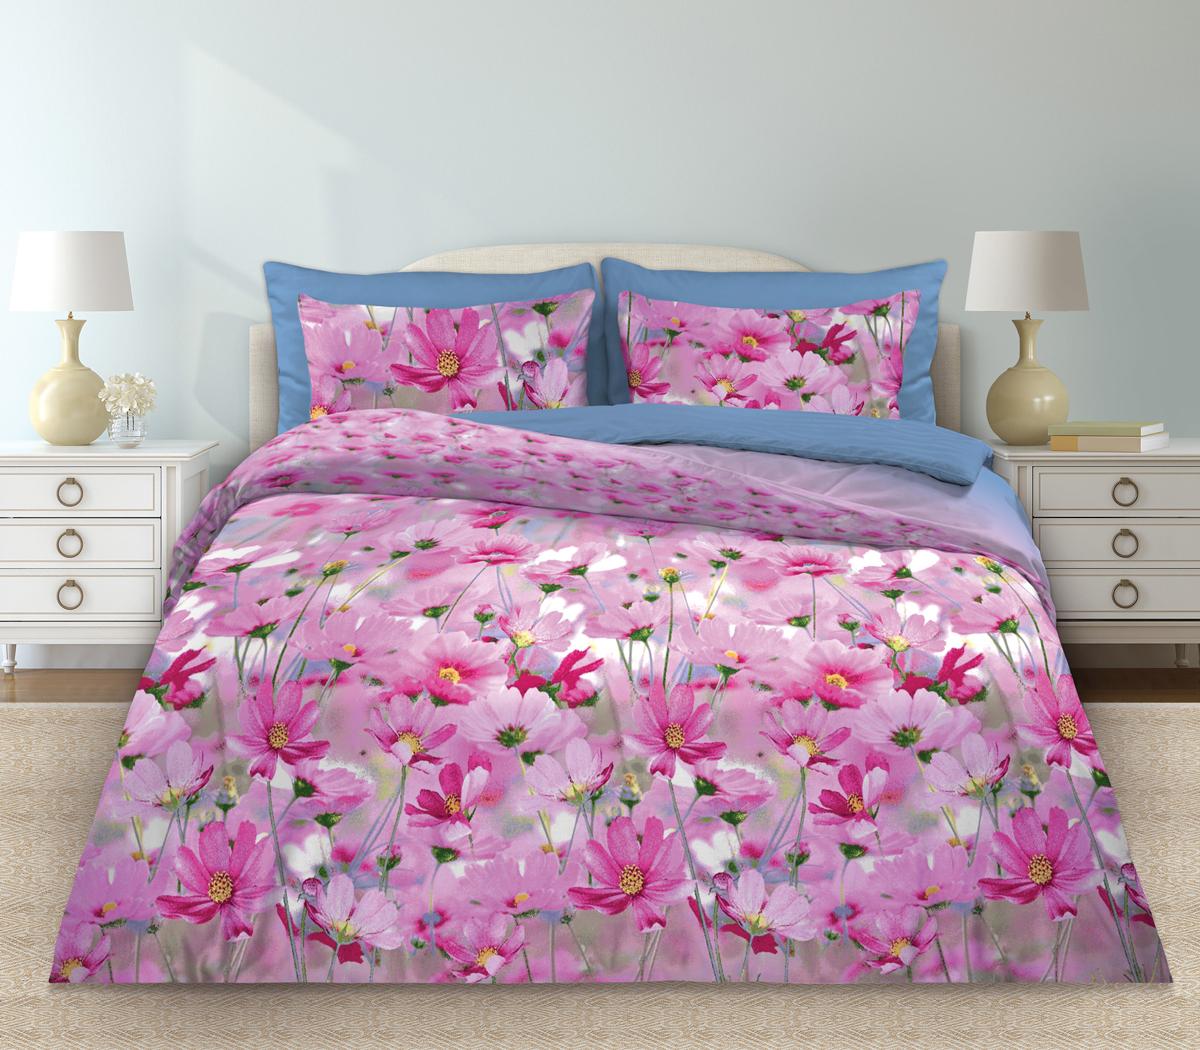 Комплект белья Любимый дом Скарлетт, 1,5 спальное, наволочки 70 х 70, цвет: розовый. 331087K100Комплект постельного белья коллекции «Любимый дом» - выполнен из высококачественной ткани из 100% хлопка. Такое белье абсолютно натуральное, гипоаллергенное, соответствует строжайшим экологическим нормам безопасности, комфортное, дышащее, не нарушает естественные процессы терморегуляции, прочное, не линяет, не деформируется и не теряет своих красок даже после многочисленных стирок, а также отличается хорошей износостойкостью.